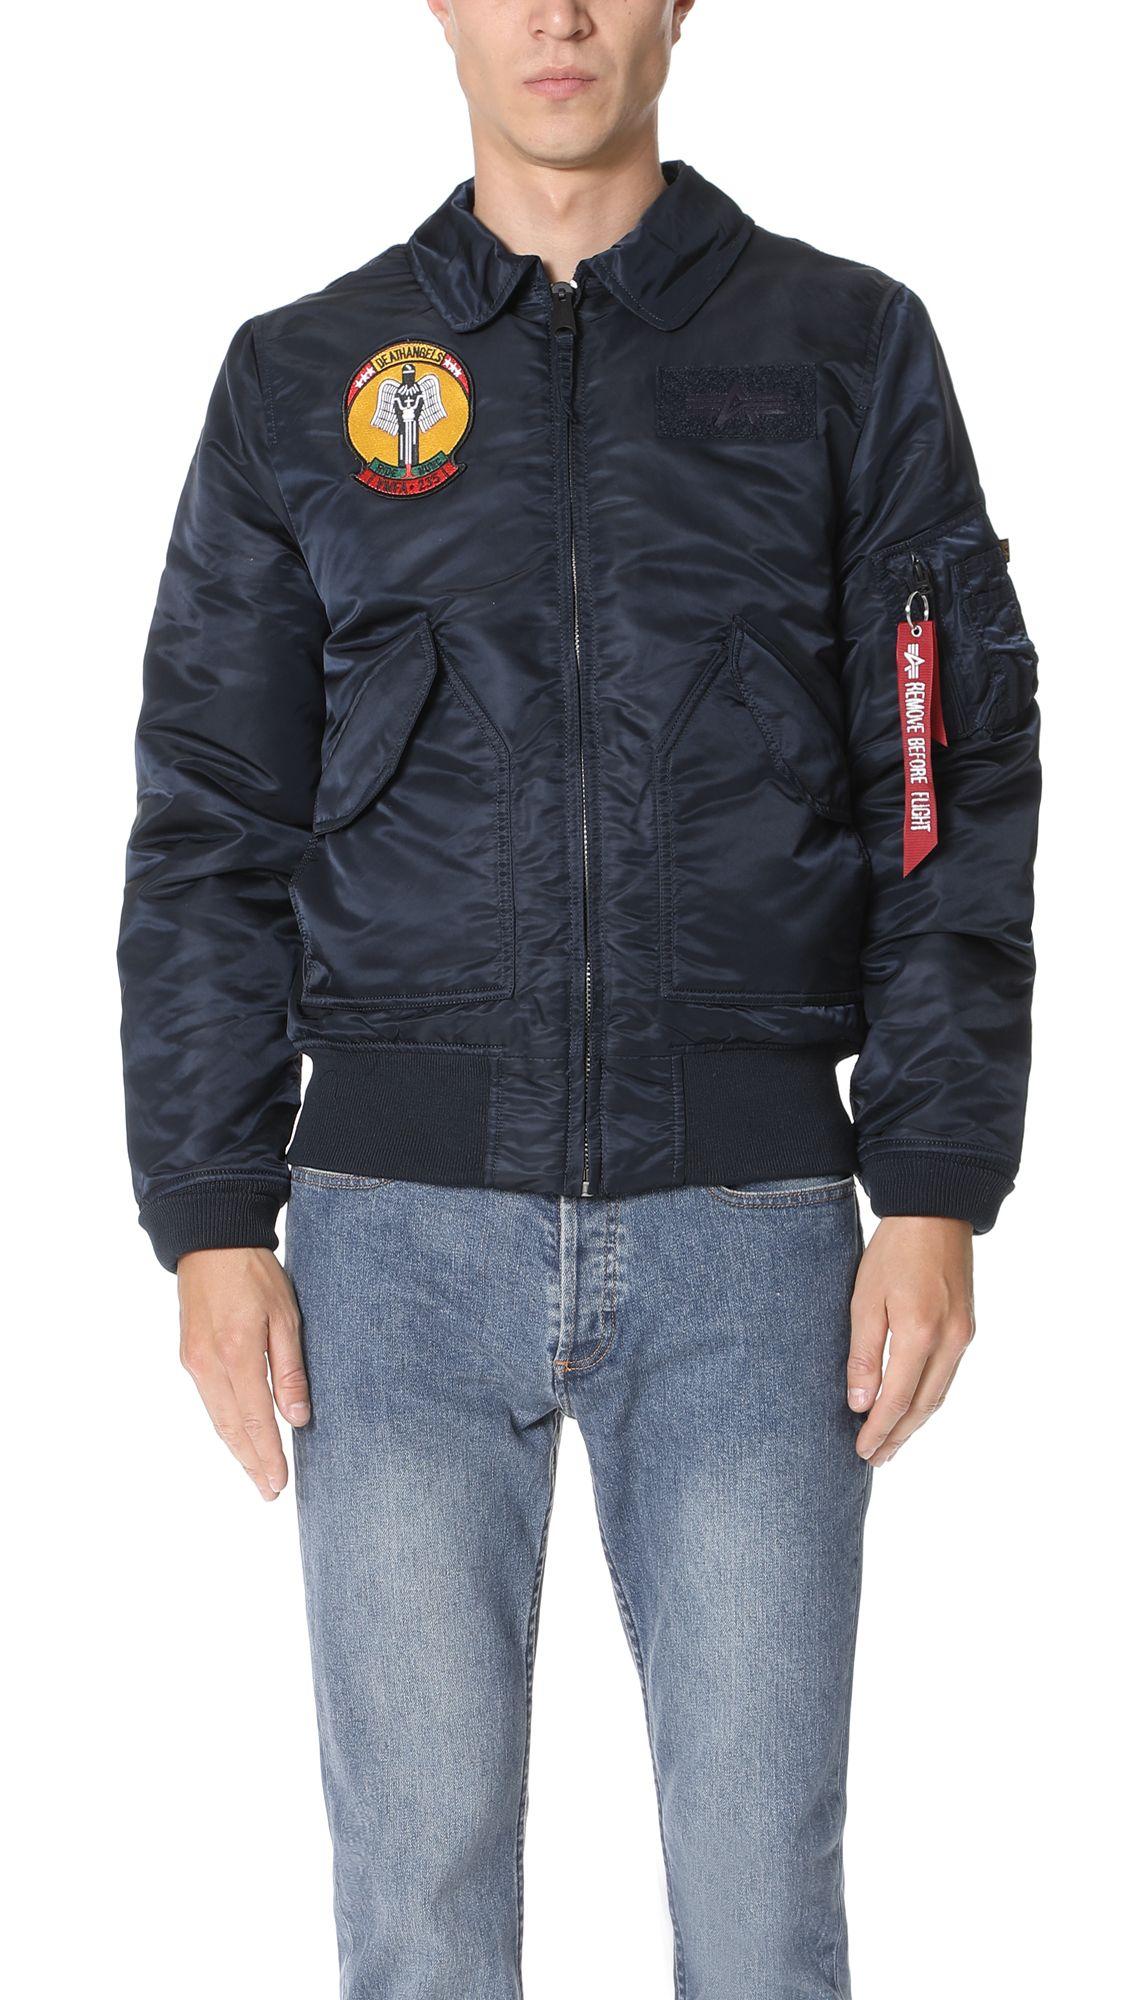 Alpha industries coach jacket